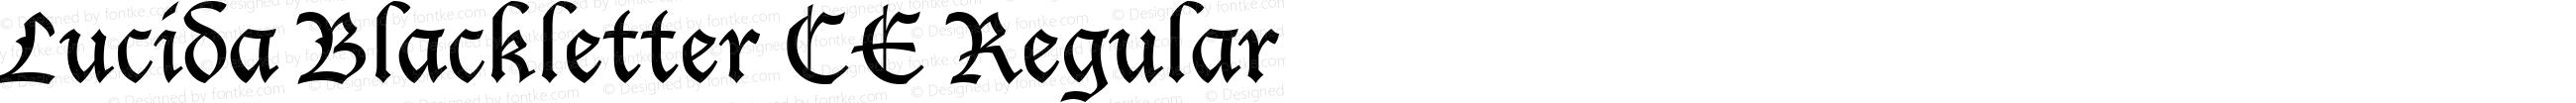 Lucida Blackletter CE Regular